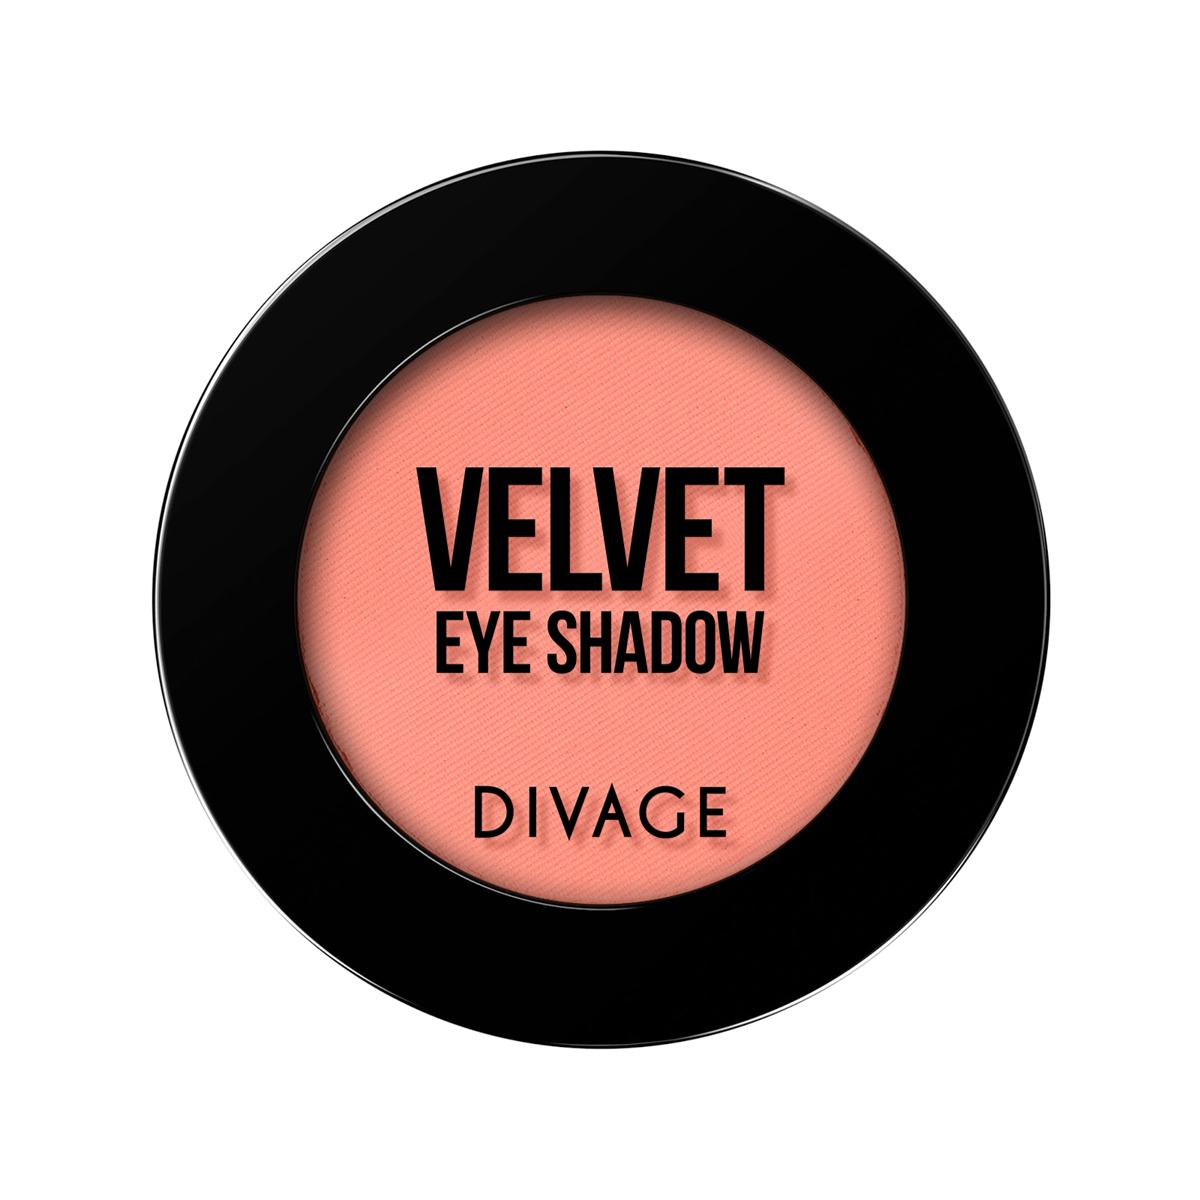 DIVAGE Матовые одноцветные тени для век VELVET , тон № 7321, 3 гр.007949Благородство матовых оттенков на ваших глазах Хочешь профессиональный макияж в домашних условиях?! Тогда матовые тени VELVET это, то, что тебе нужно, главный тренд в макияже, насыщенные оттенки, профессиональные текстуры, ультра-стойкий эффект. Всё это было секретом визажистов, теперь этот секрет доступен и тебе! Палитра из 15 оттенков, позволяет создать великолепный образ для любого события. Текстура теней VELVET напоминает бархат, благодаря своей шелковистой формуле тени легко растушевываются по поверхности века, позволяя комбинировать между собой все оттенки палитры. Тени идеально подходят для жирной кожи век, за счёт своей плотной пудровой текстуры тени не осыпаются и не собираются в складках века, сохраняя идеально ровное покрытие до 8 часов. СОВЕТ DIVAGE: Используя тени для макияжа глаз от DIVAGE, ты легко можешь меняться каждый день, создавая различные образы. Но как выбрать свой оттенок в таком многообразии? Выбирай контрастные оттенки тенейк твоему цвету глаз. Карие глаза хорошо подчеркнут зелёные и фиолетовые оттенки, все оттенки коричневого придадут выразительности зелёным глазкам, для серых и голубых больше всего подойду оттенки кораллового, золотого ирозового. С макияжем выполненным тенями DIVAGE твой взгляд будет ещё притягательней!